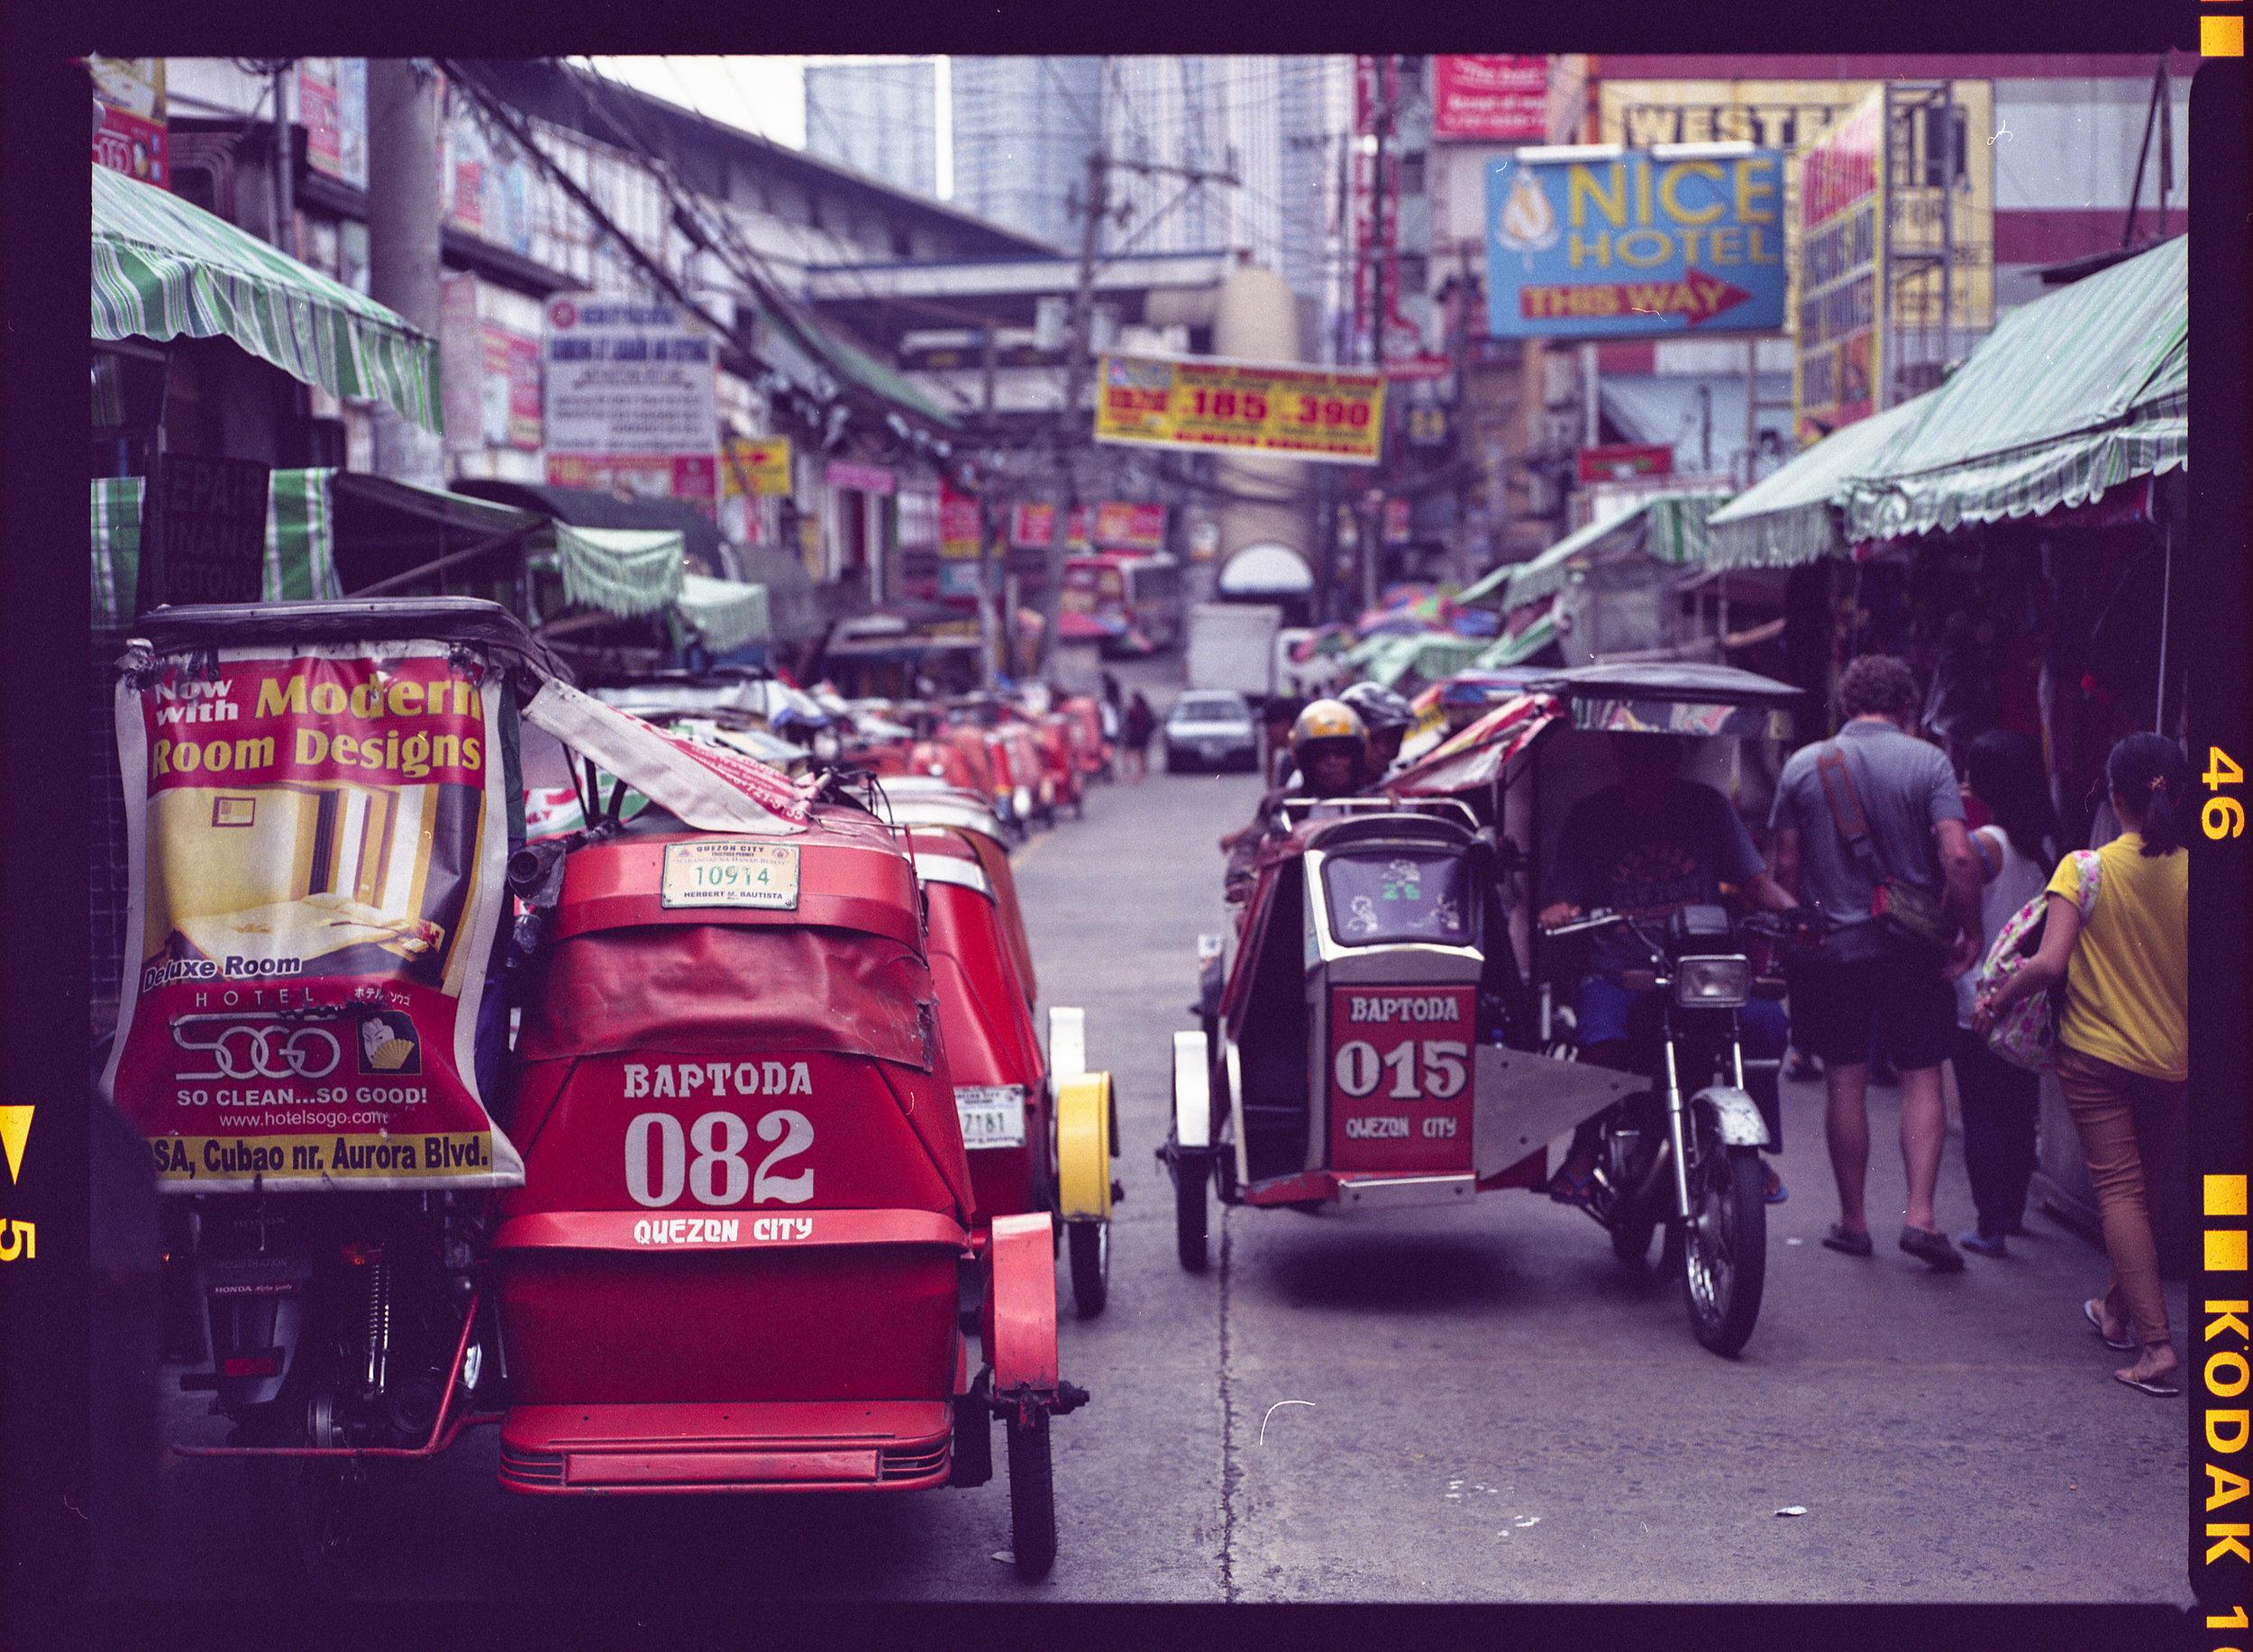 Philippines_Mamiya_street_scene.jpg